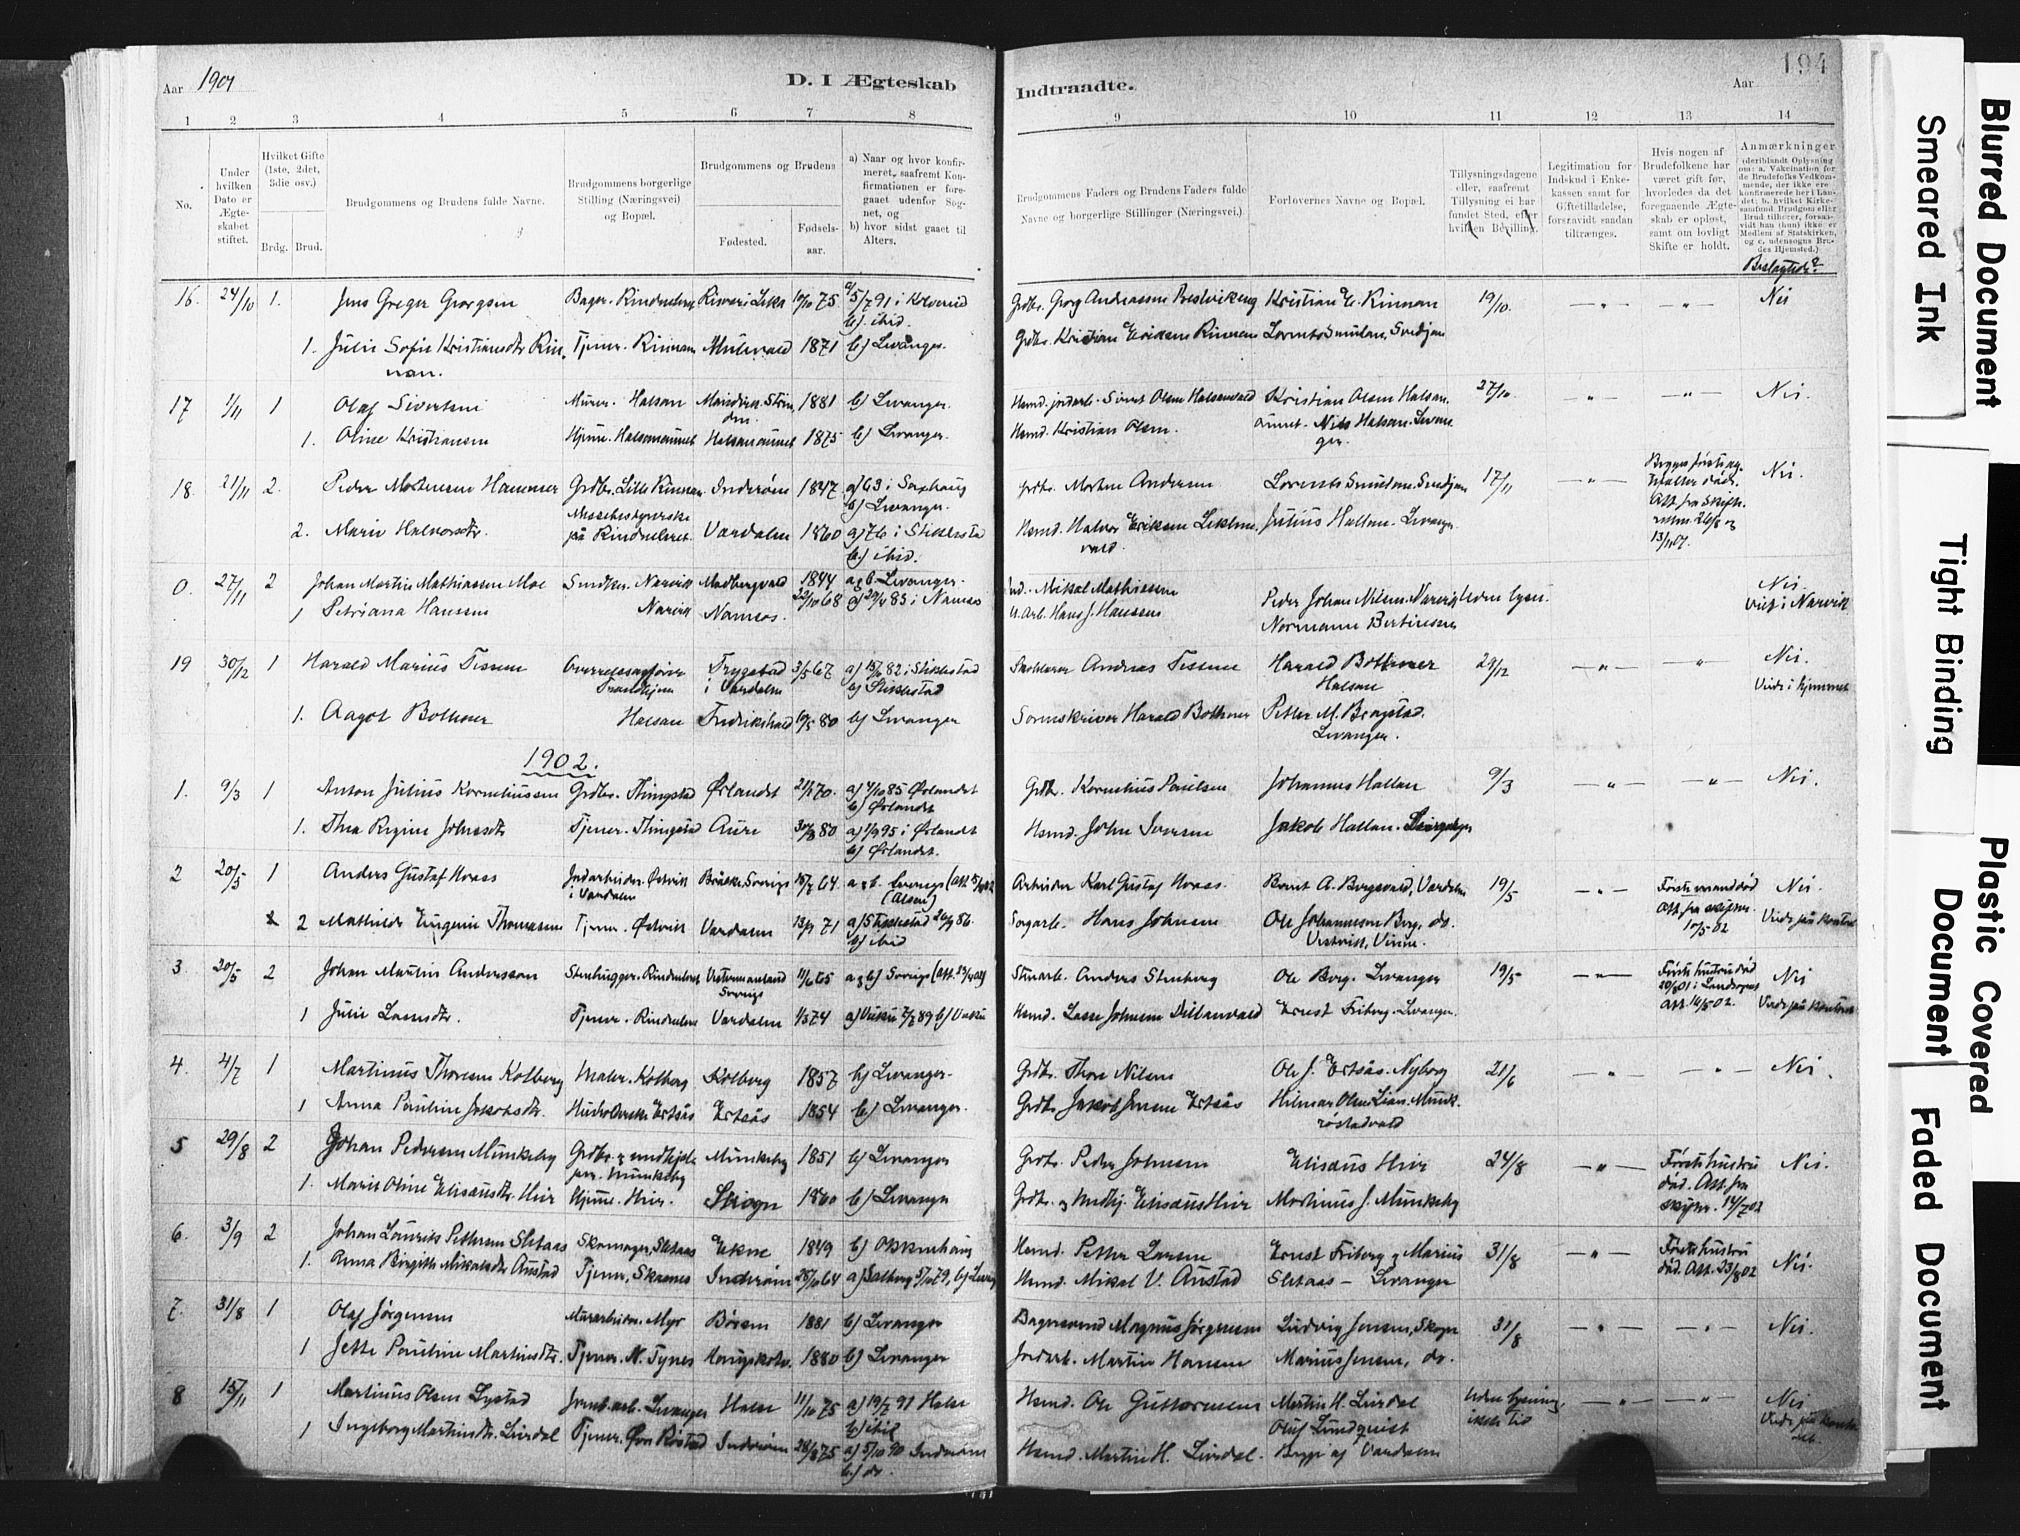 SAT, Ministerialprotokoller, klokkerbøker og fødselsregistre - Nord-Trøndelag, 721/L0207: Ministerialbok nr. 721A02, 1880-1911, s. 194